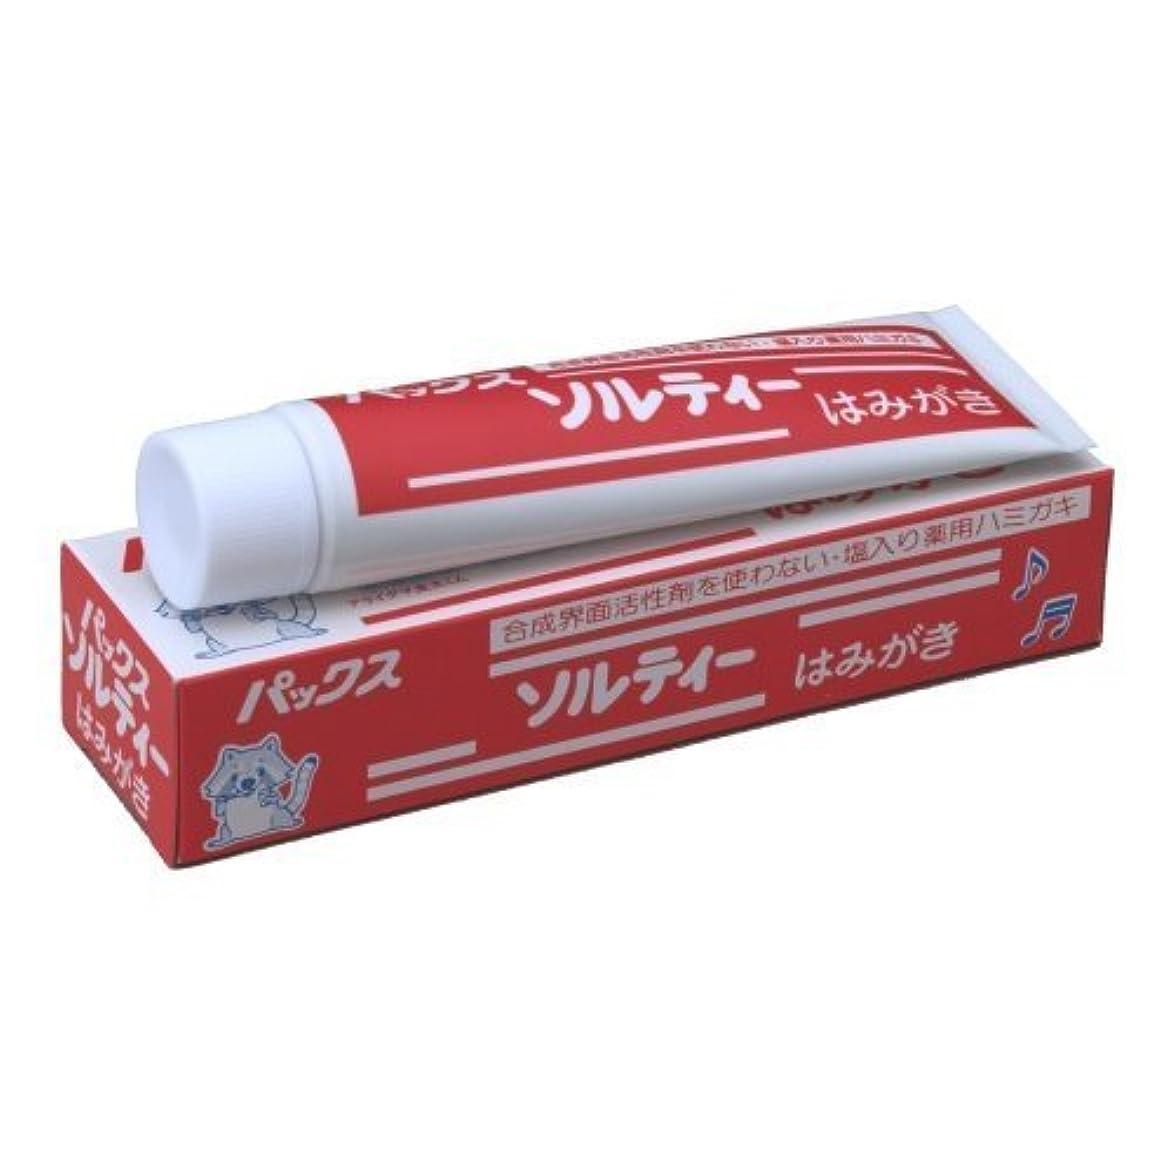 コメンテーターフェッチ配るパックスソルティー齒磨き 80G【6個パック】